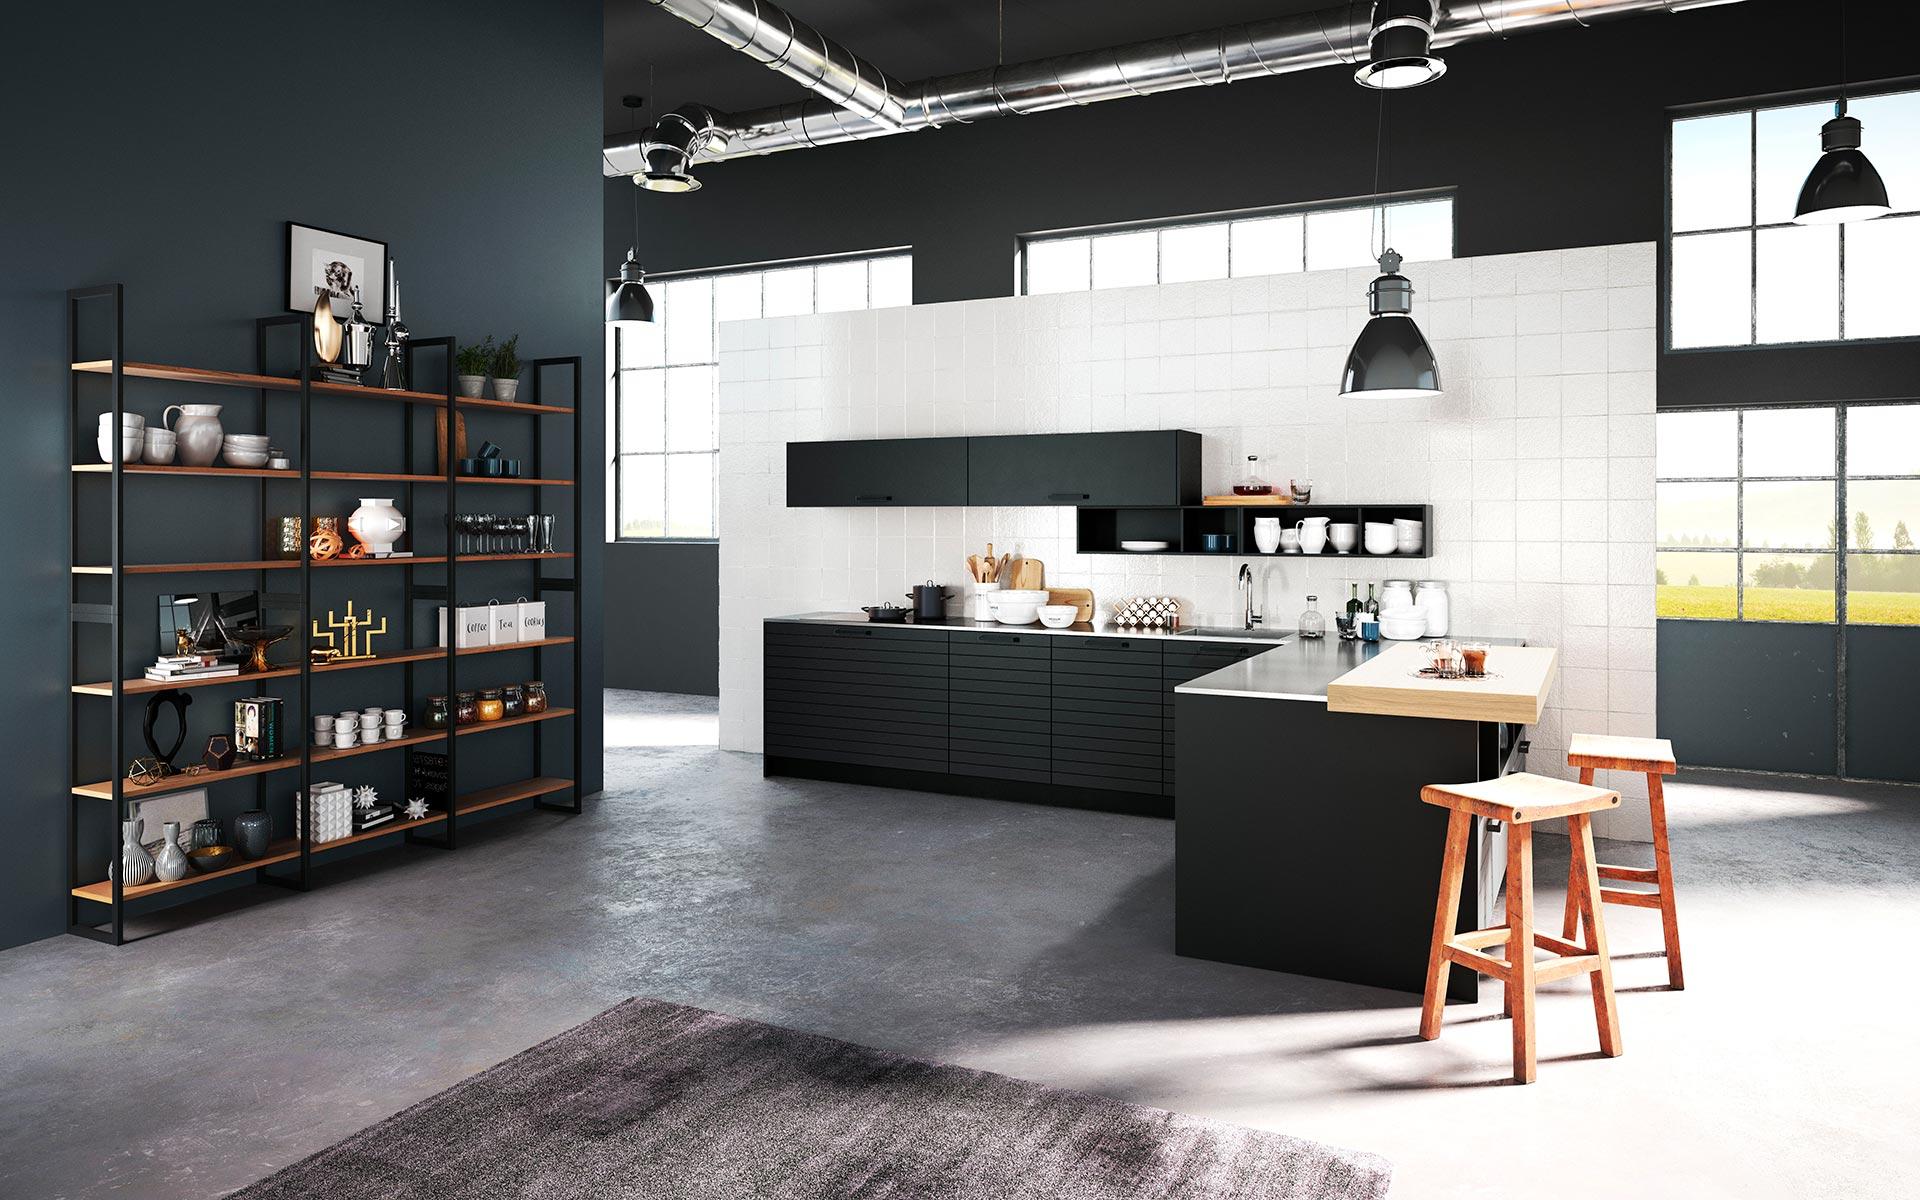 dunkle k chen rotpunkt k chen rotpunkt k chen. Black Bedroom Furniture Sets. Home Design Ideas